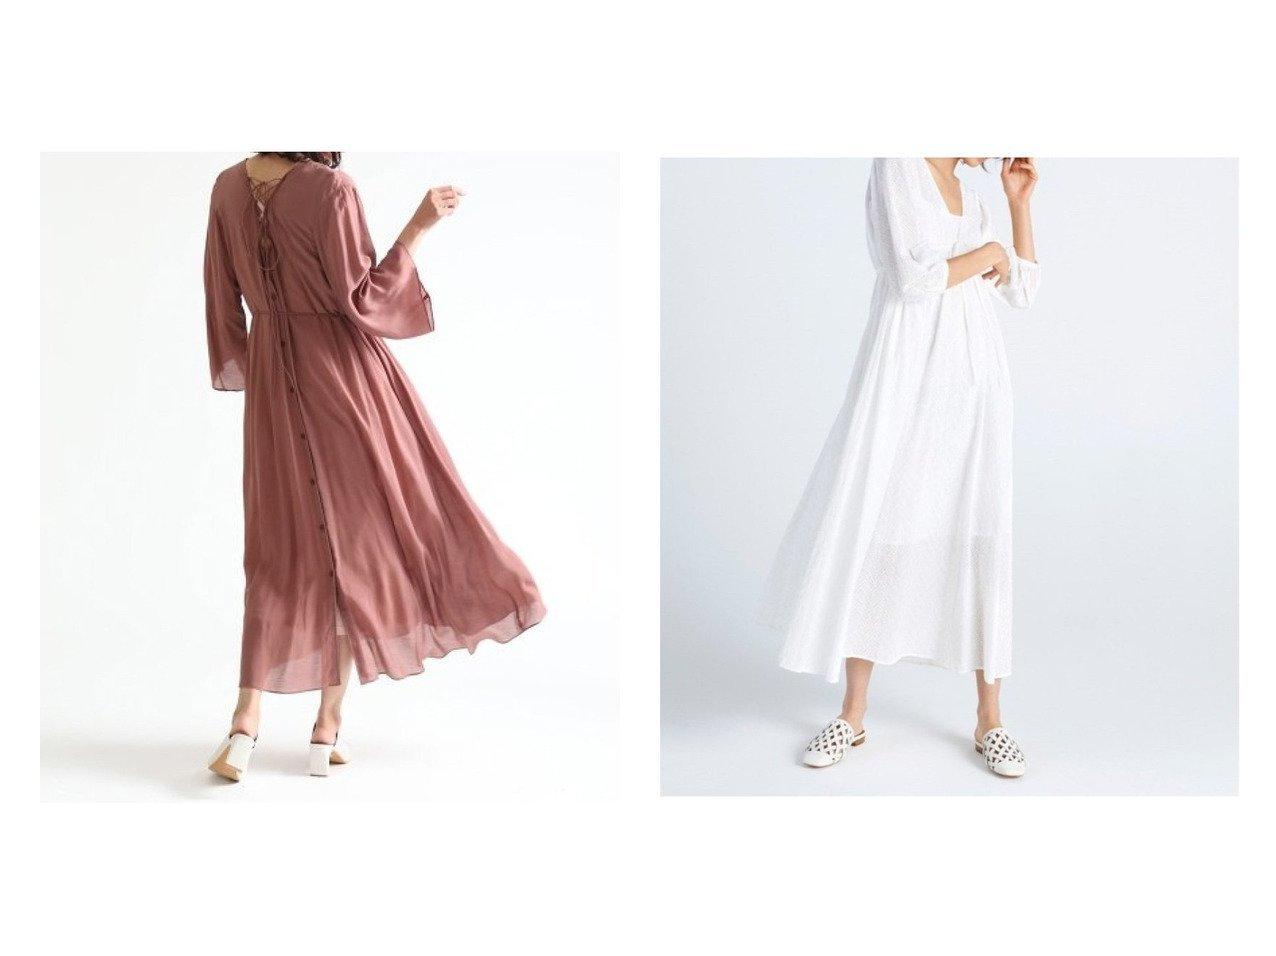 【FRAY I.D/フレイ アイディー】のコットンレースOP&2WAY羽織りワンピース ワンピース・ドレスのおすすめ!人気、トレンド・レディースファッションの通販  おすすめで人気の流行・トレンド、ファッションの通販商品 メンズファッション・キッズファッション・インテリア・家具・レディースファッション・服の通販 founy(ファニー) https://founy.com/ ファッション Fashion レディースファッション WOMEN ワンピース Dress マキシワンピース Maxi Dress マキシ ヨガ リラックス レース ロング インナー ギャザー スリーブ フィット ラベンダー 春 |ID:crp329100000010206